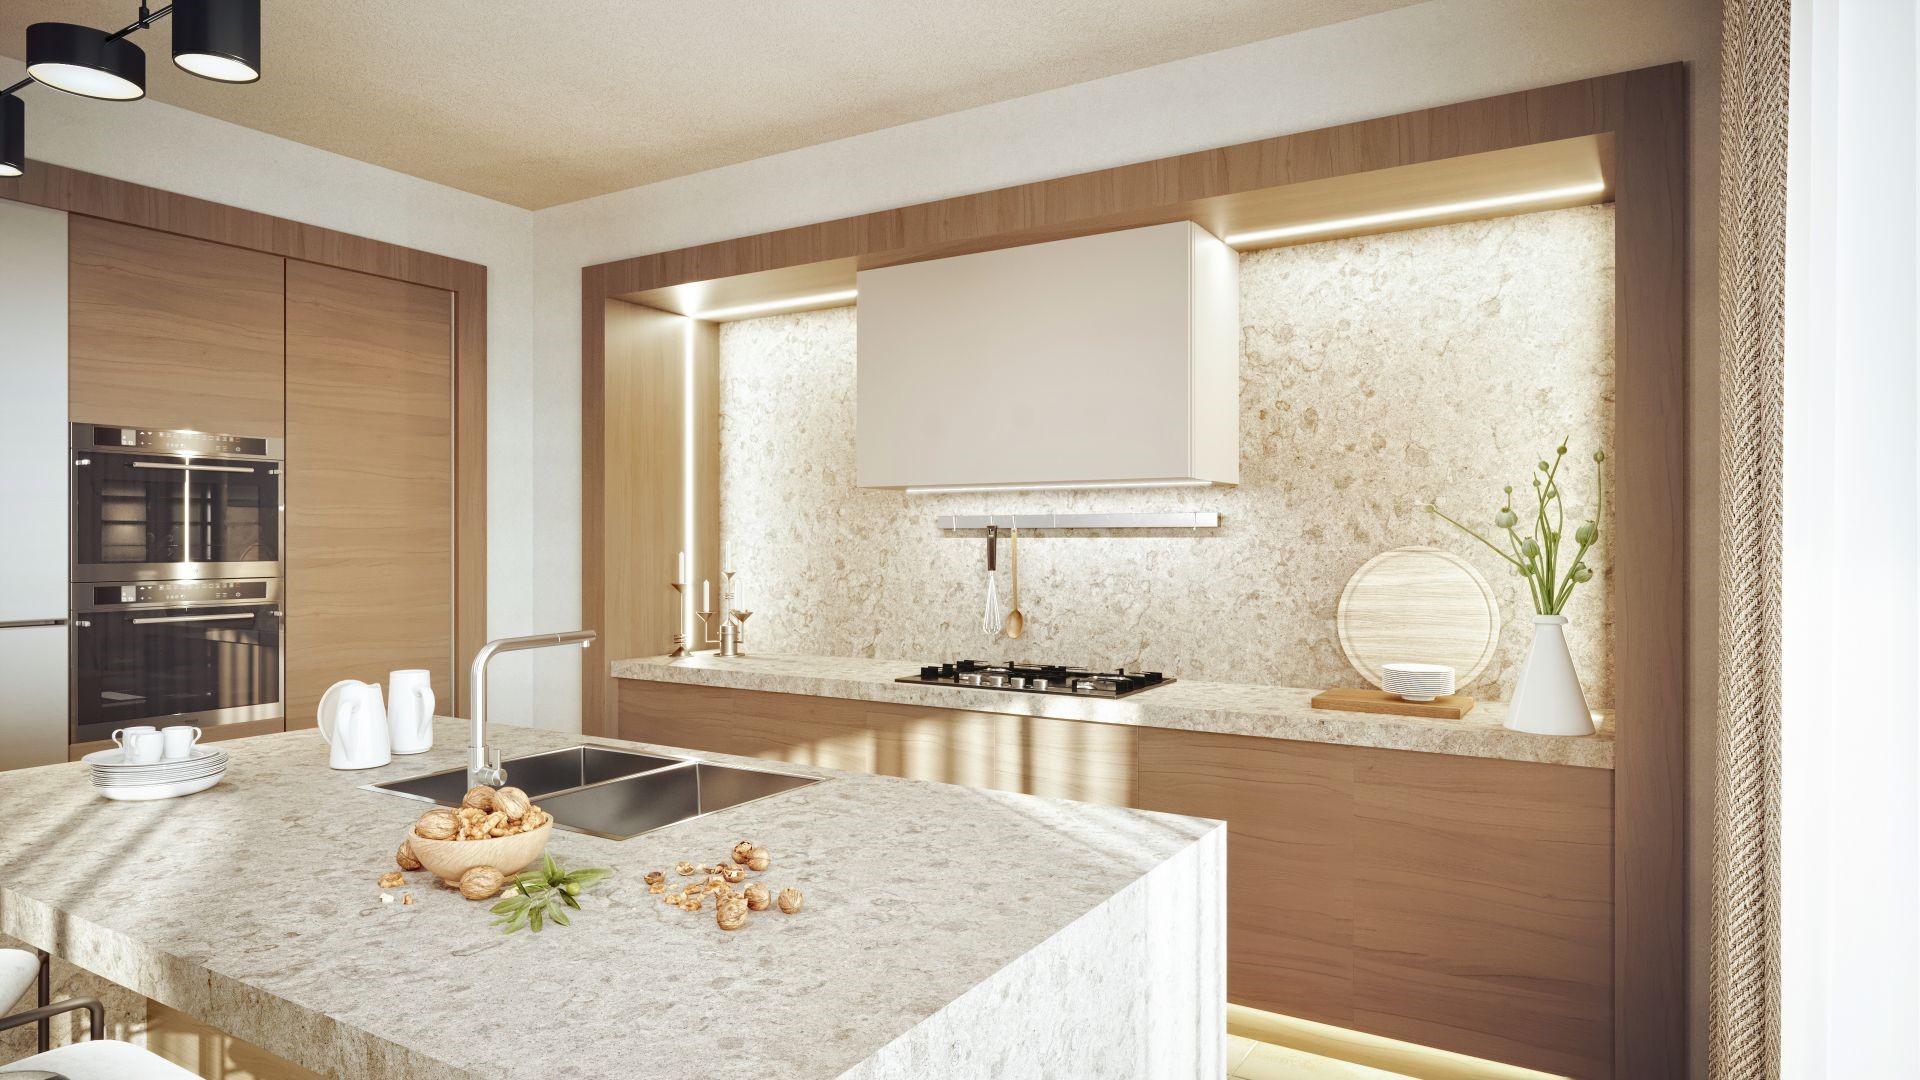 Agencija Contessa Villas individualno pristupa svakom iznajmljivaču te stvara jedinstvenu priču za svaku vilu. Jedna potpuno nova priča je i Luksuzna Vila Luana, koja nudi zanimljiv spoj modernog i tradicionalnog Mediterana.